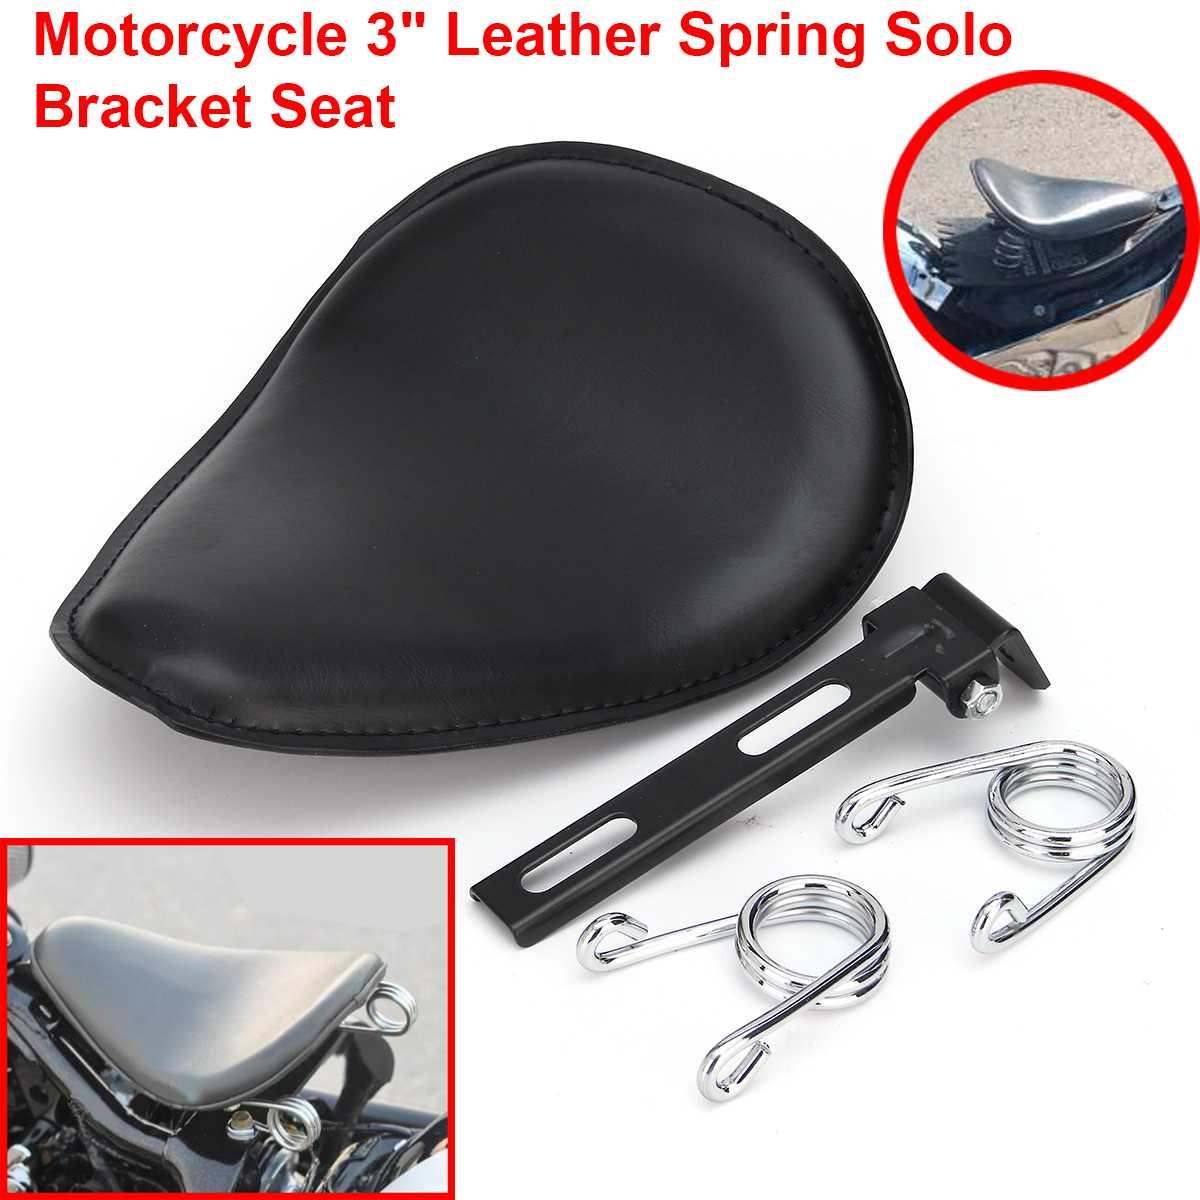 3 pouces moto Solo siège en cuir printemps Solo support selle siège plaque de base ressorts support Kit de montage